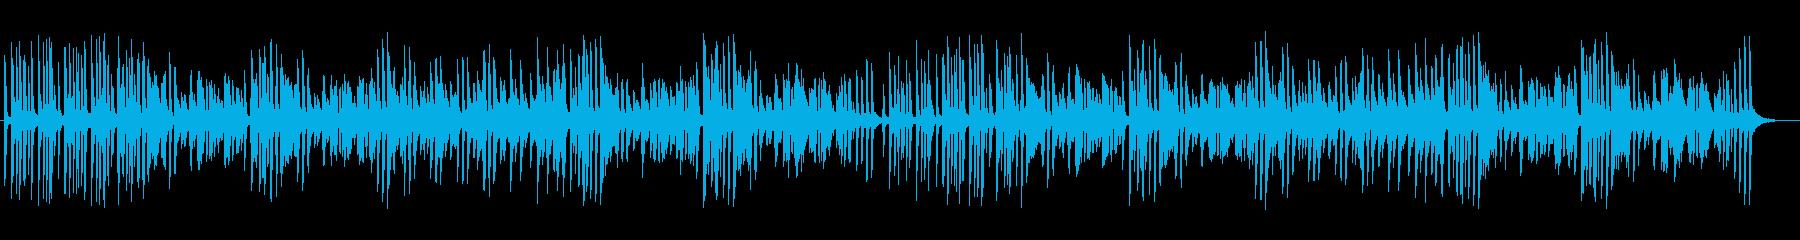 軽快なミディアムテンポのジャズピアノの再生済みの波形